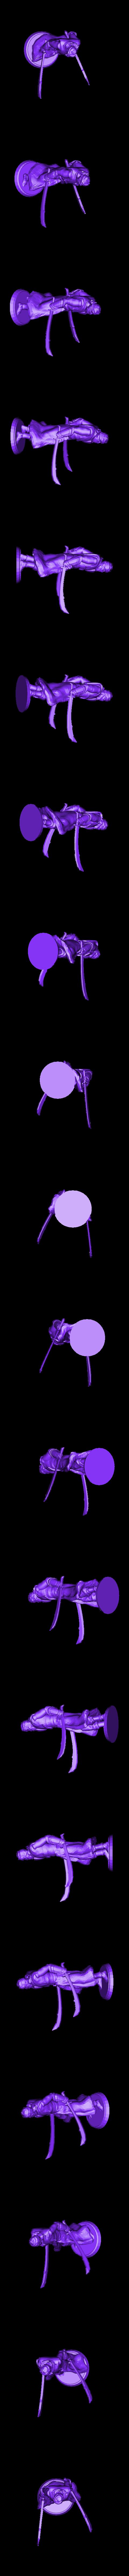 standing-ready.stl Télécharger fichier STL gratuit Guerrier arabe (poses multiples) • Plan imprimable en 3D, stockto